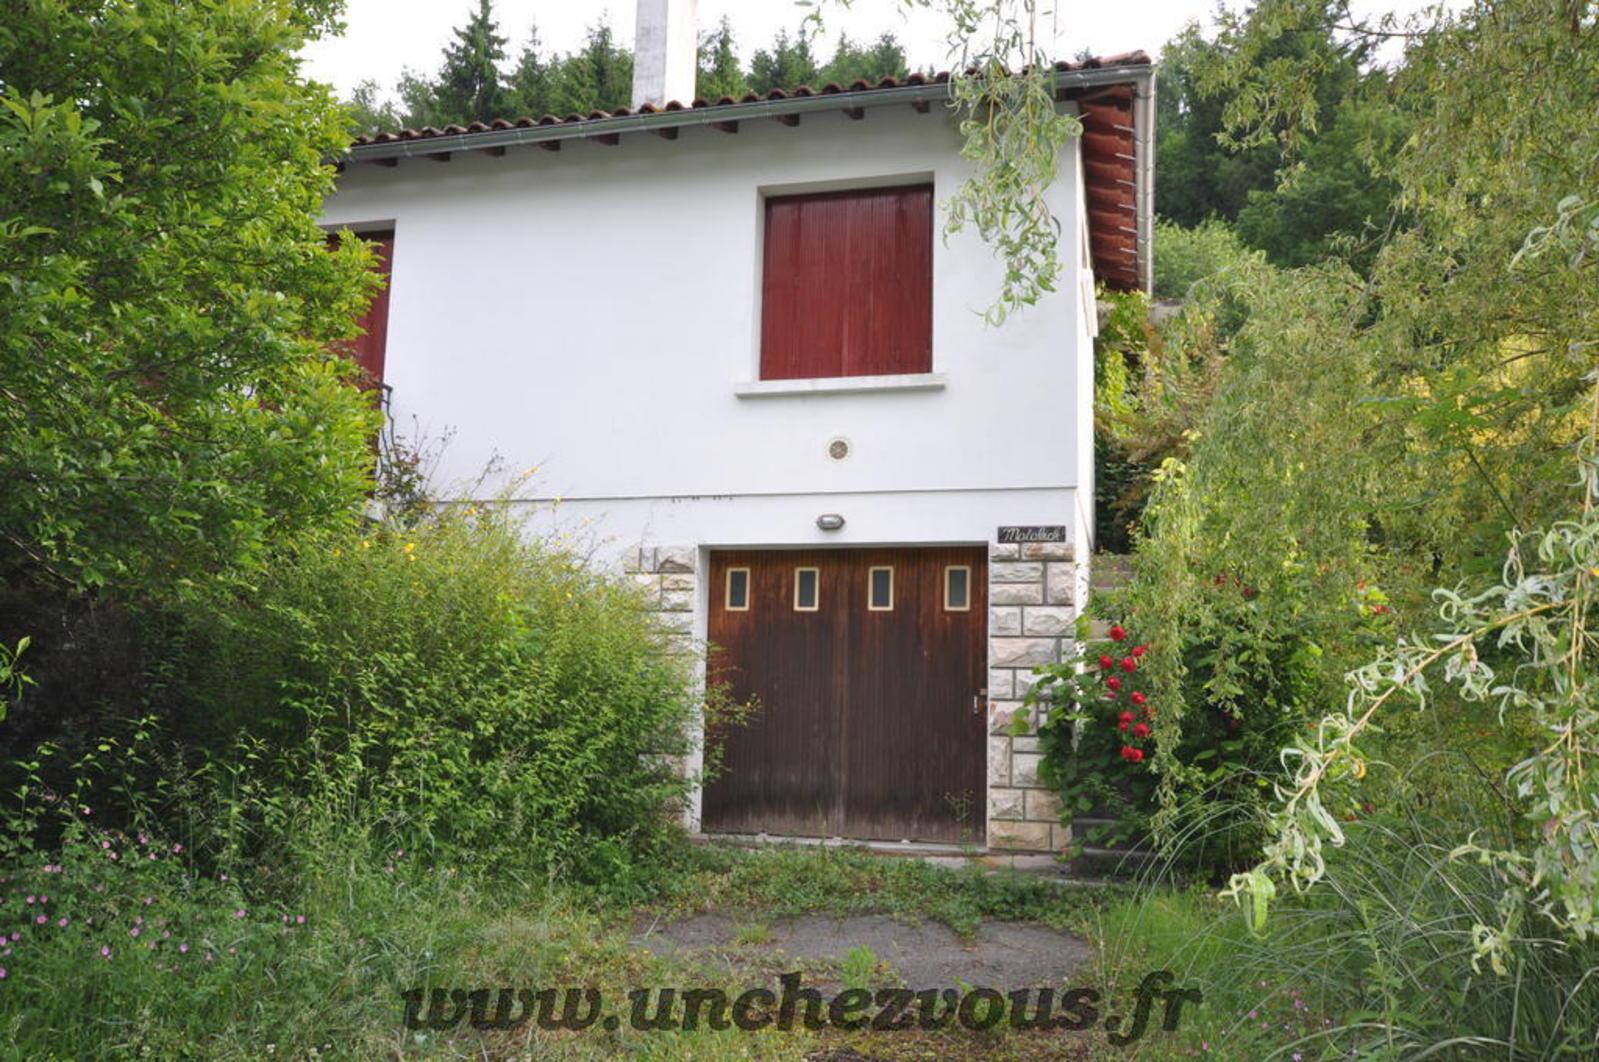 Belesta maison individuelle sur 2800m de terrain unchezvous - Terre maison individuelle ...